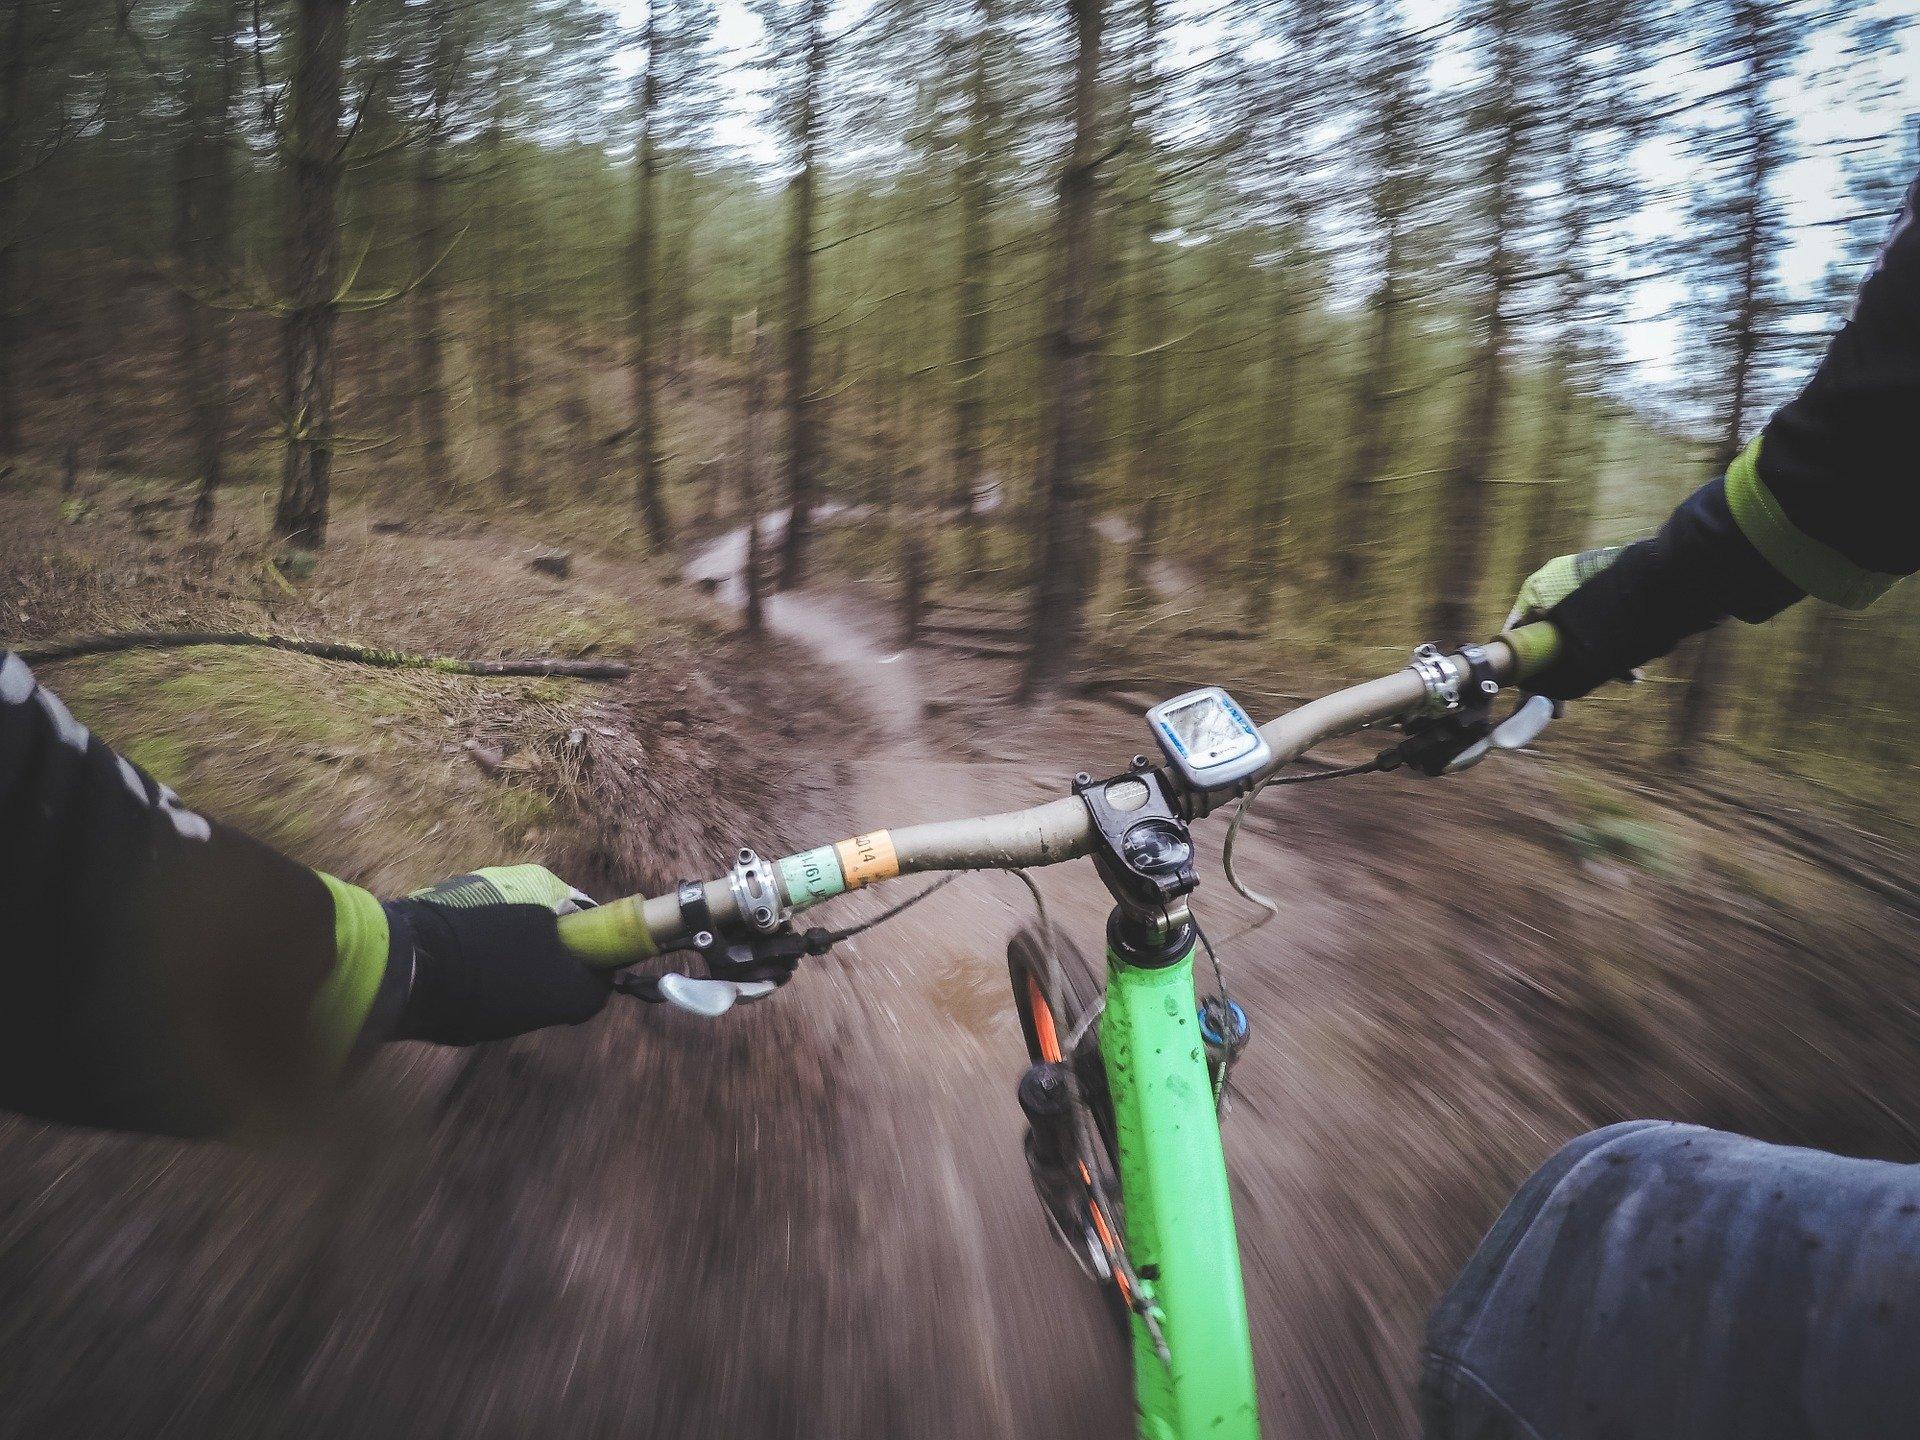 mountain biking downhill